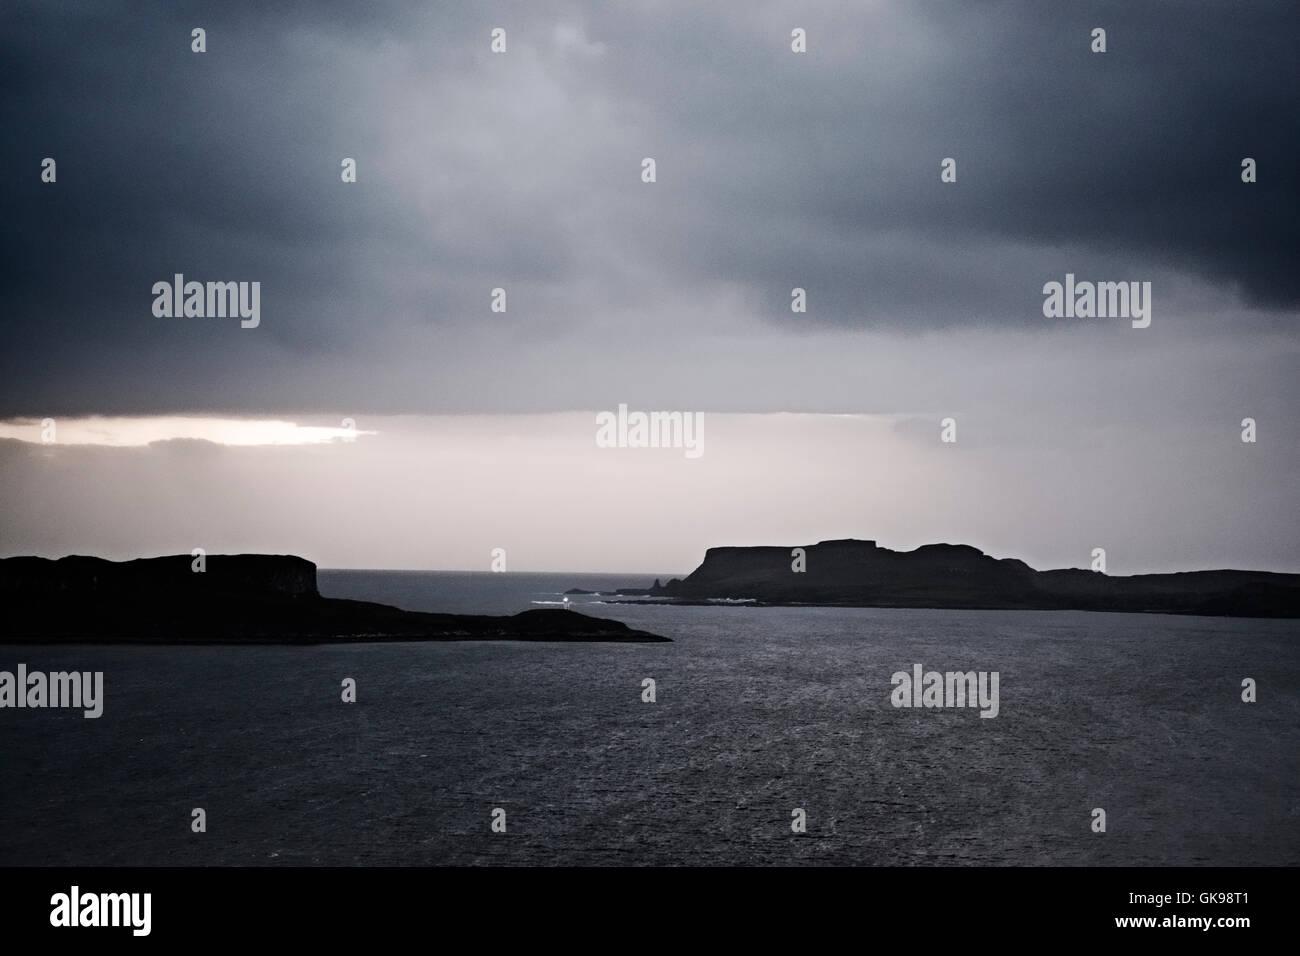 Tramonto a ovest dell isola di Skye cercando di Ardtreck Point lighthouse e isola di Oronsay. Foto Stock